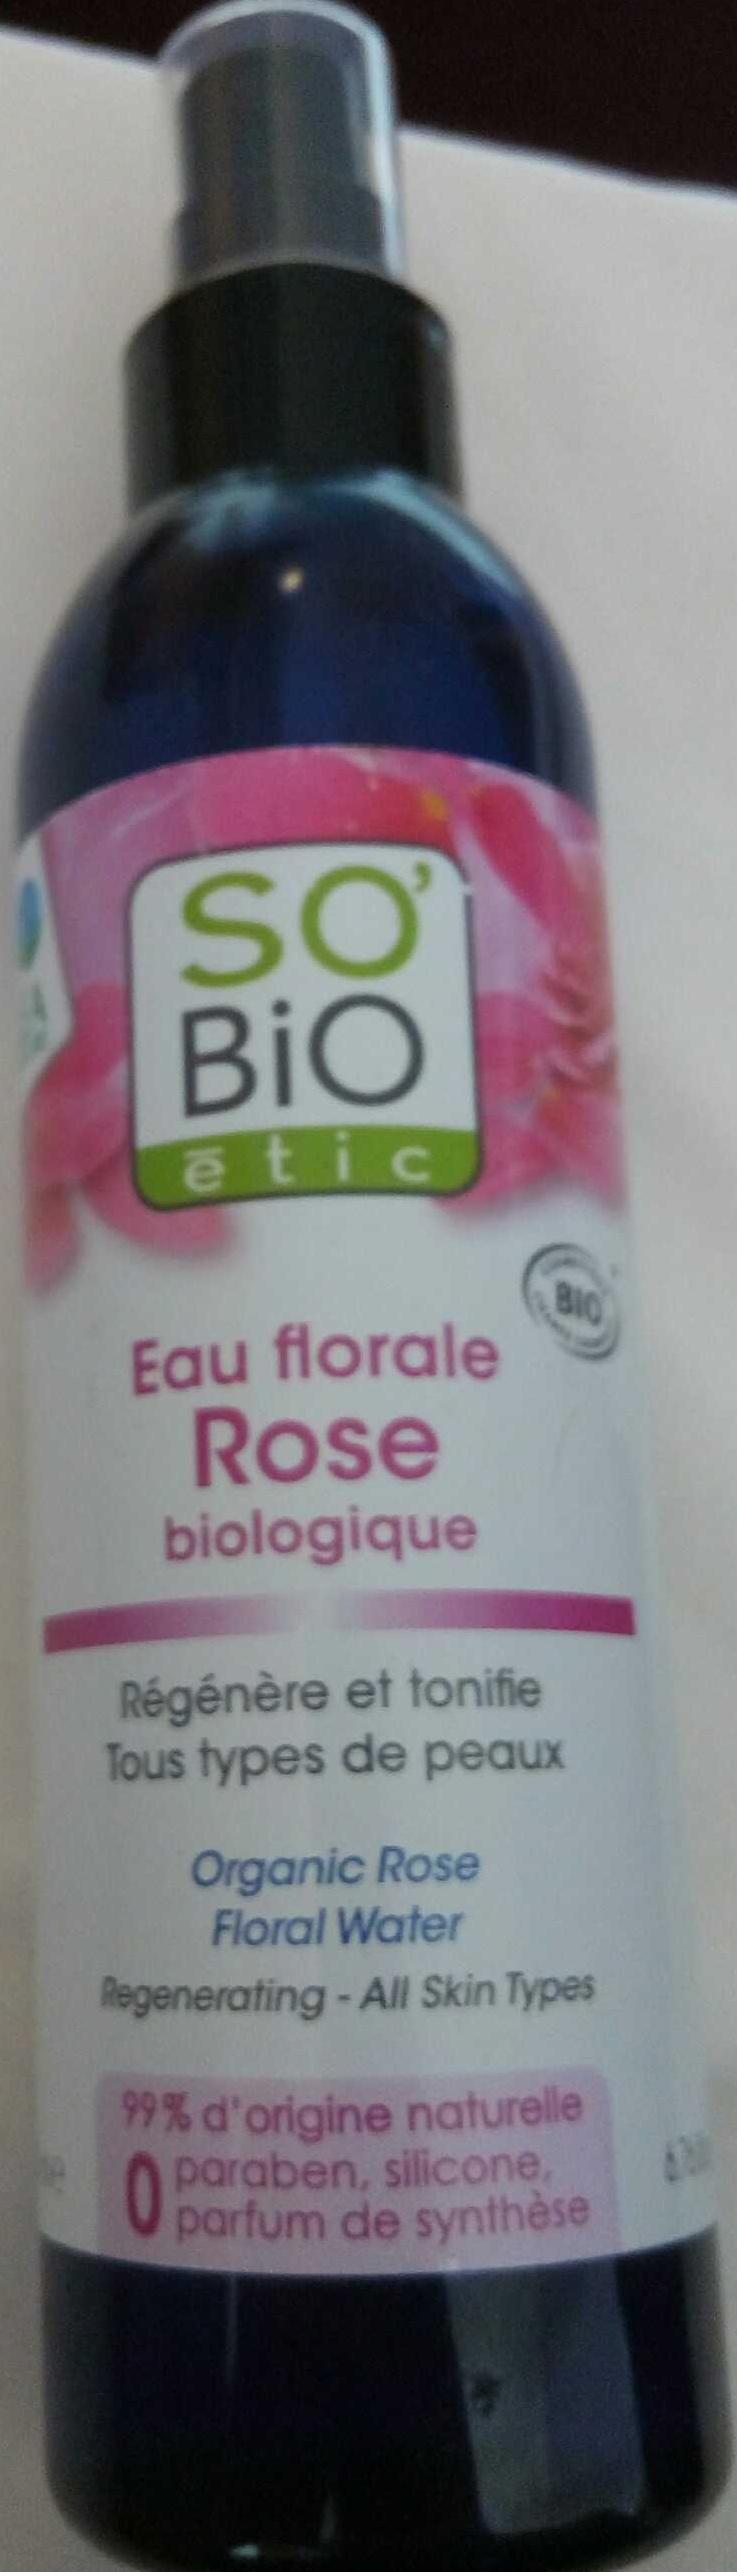 Eau florale Rose biologique - Product